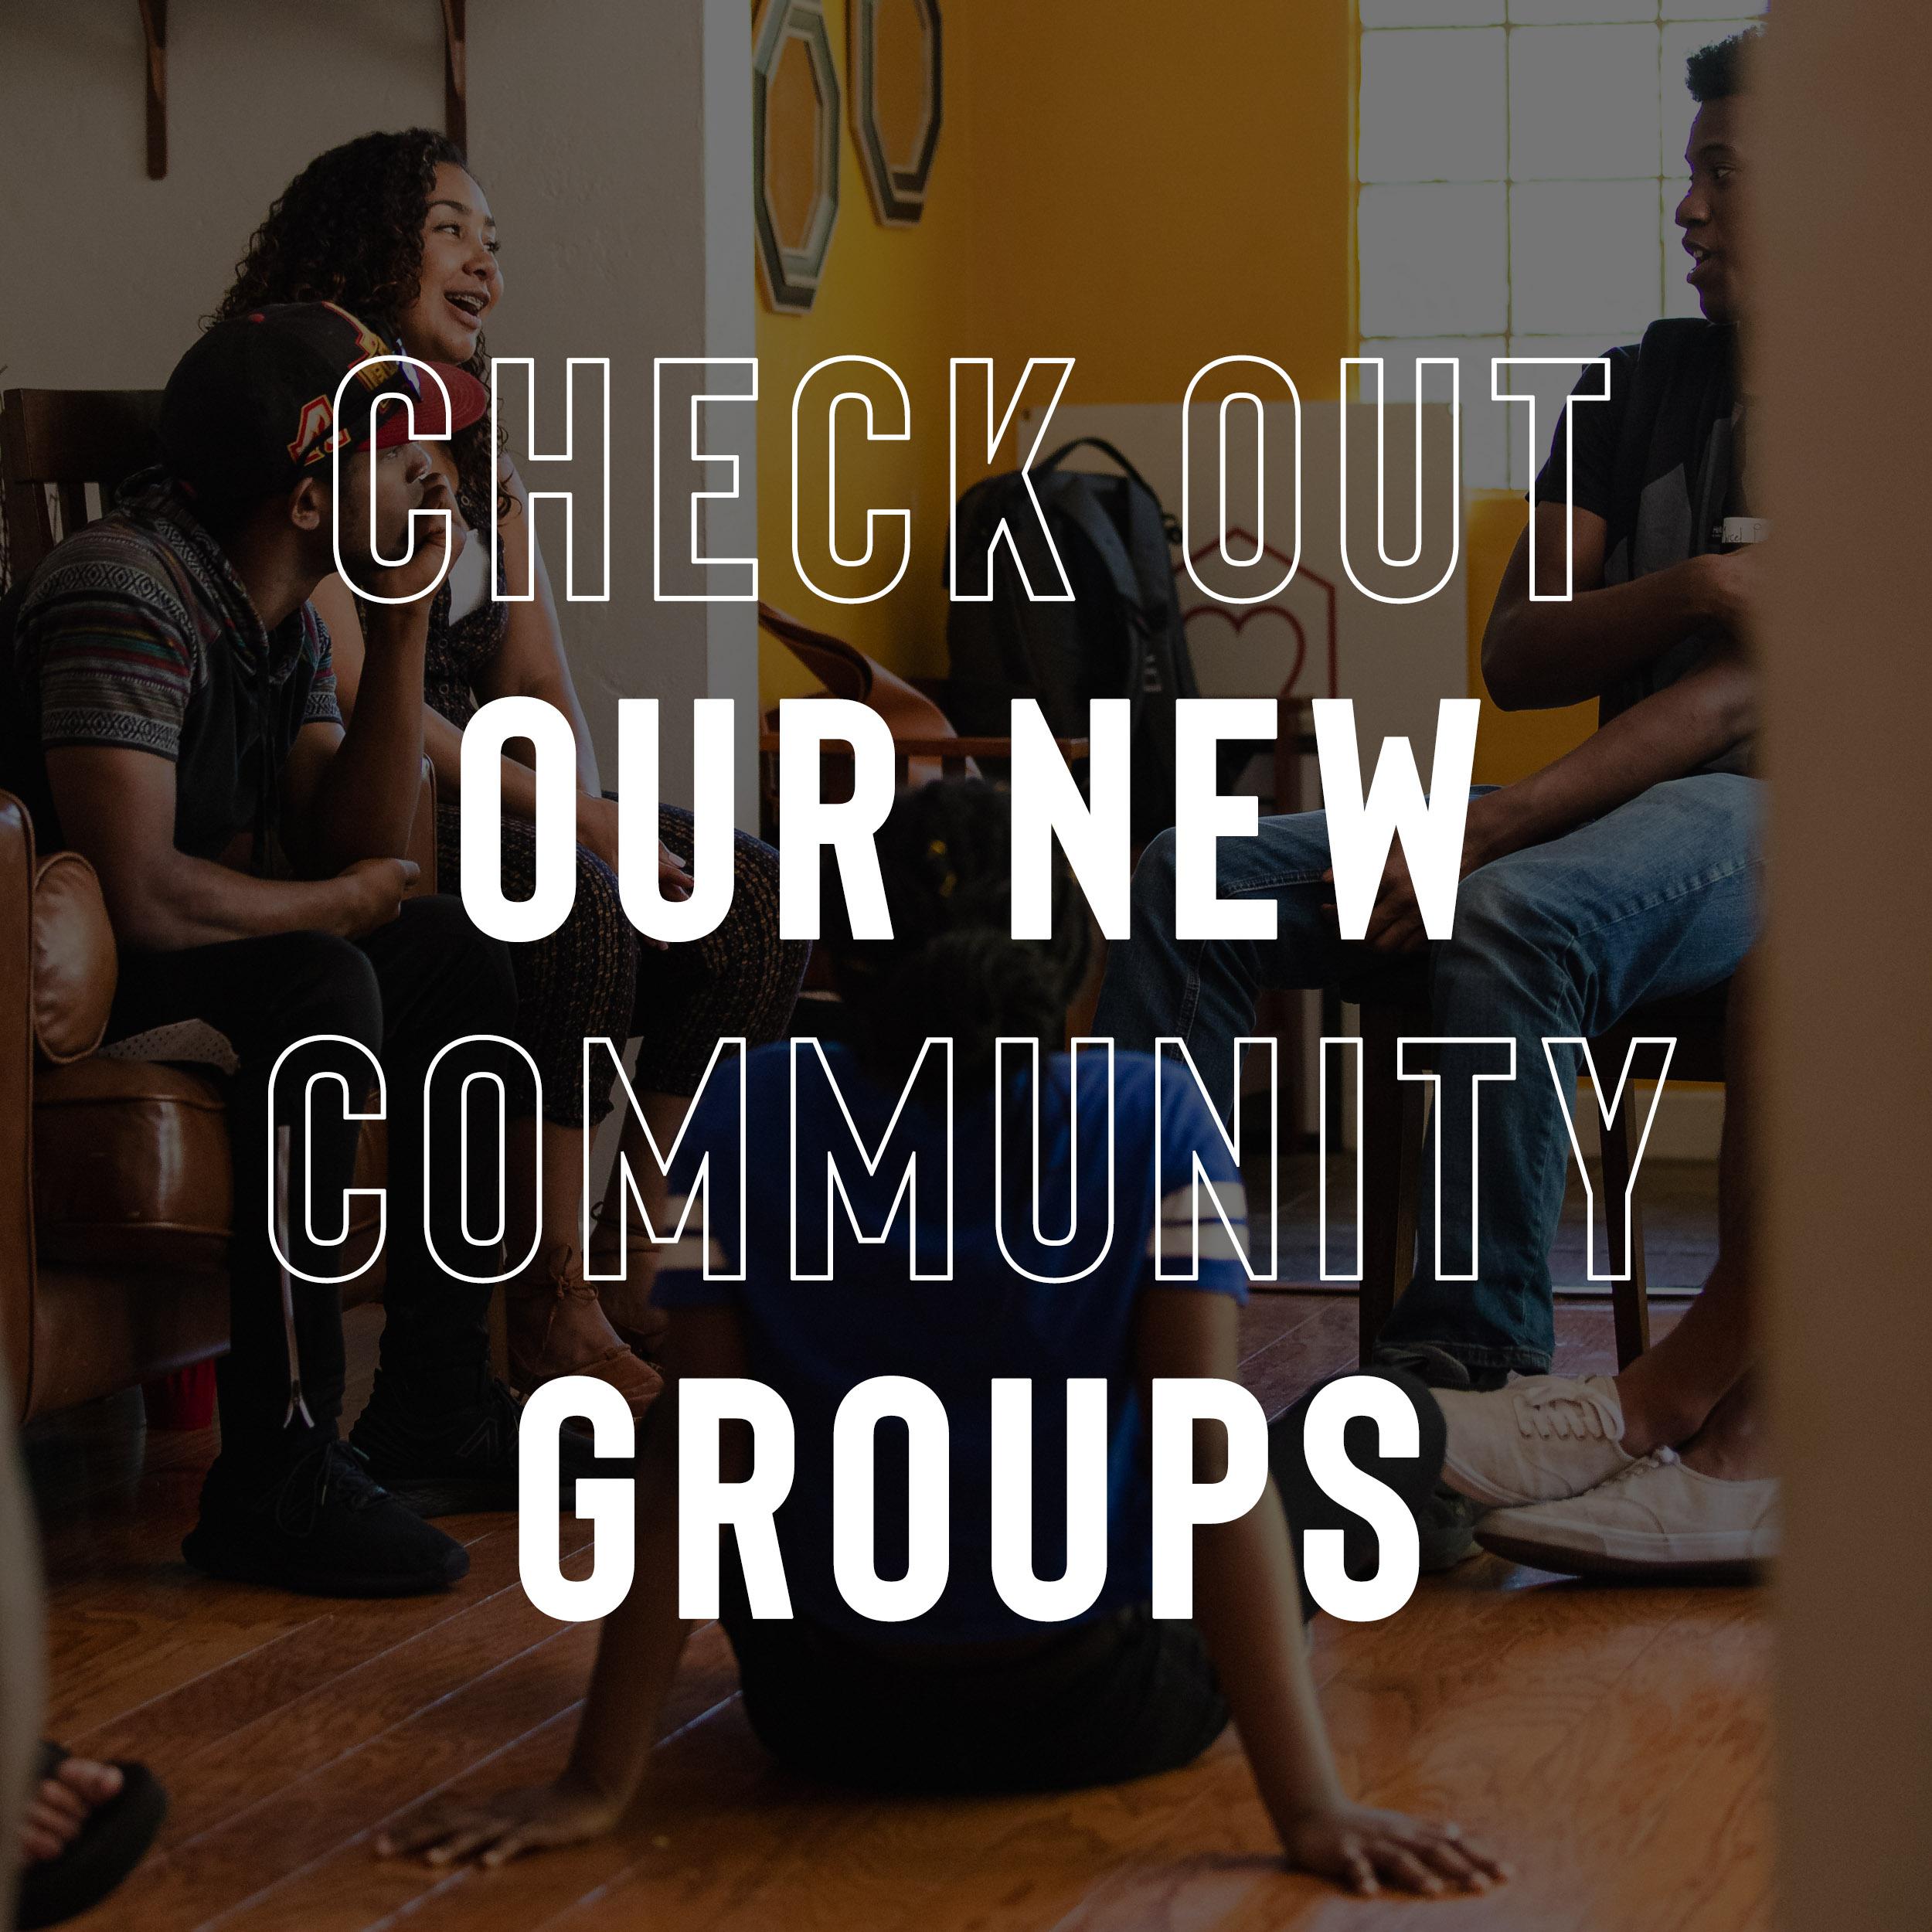 New Community Groups Tile.jpg